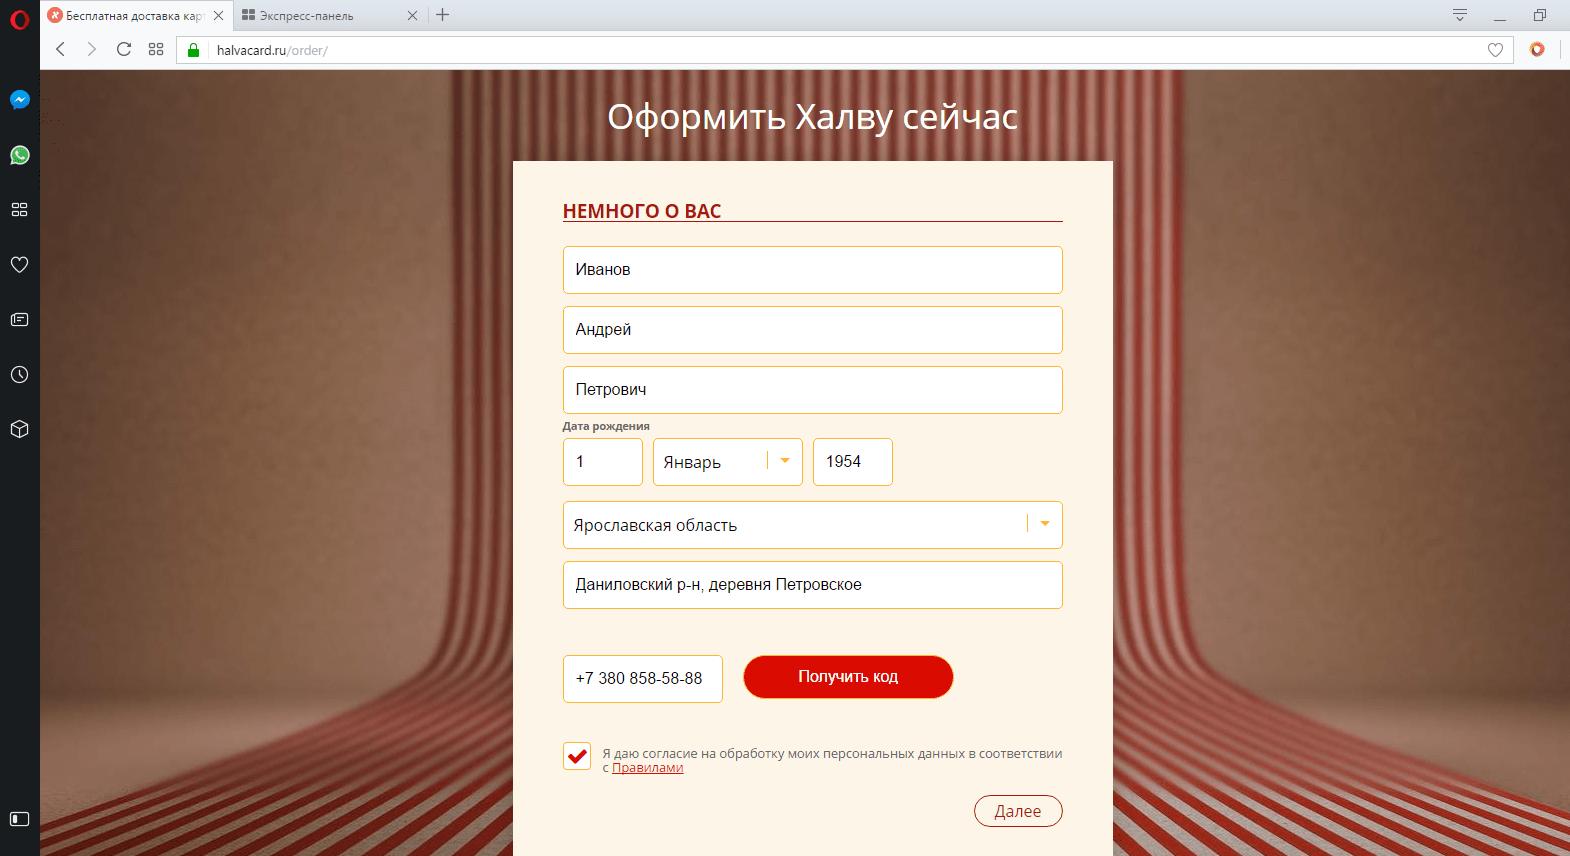 Как получить карту Халва Совкомбанка на сайте карты: электронная заявка